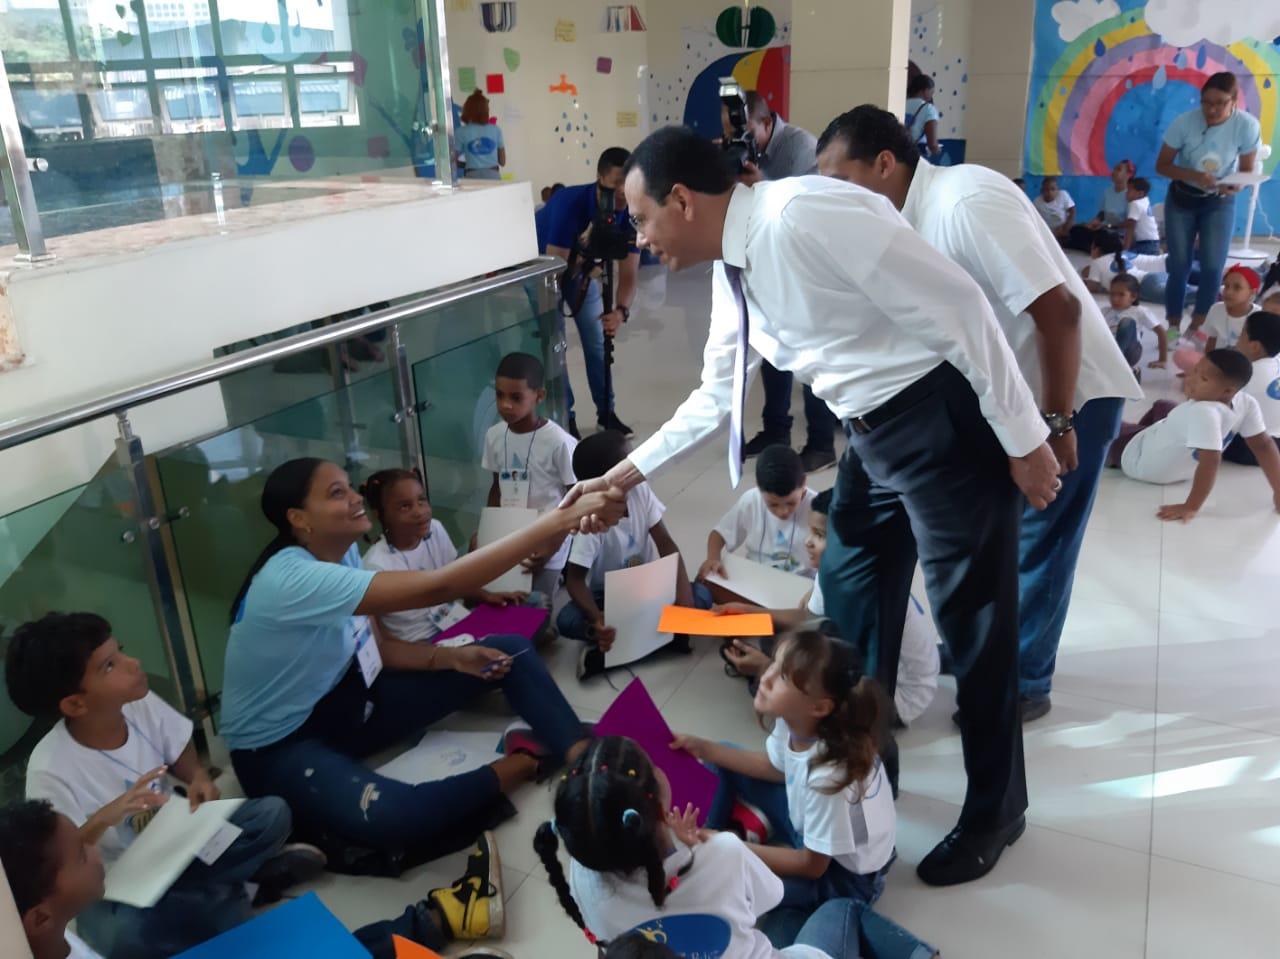 Imagen Ministro de Educación saluda a facilitadora sentada en el piso junto a grupo de niños.